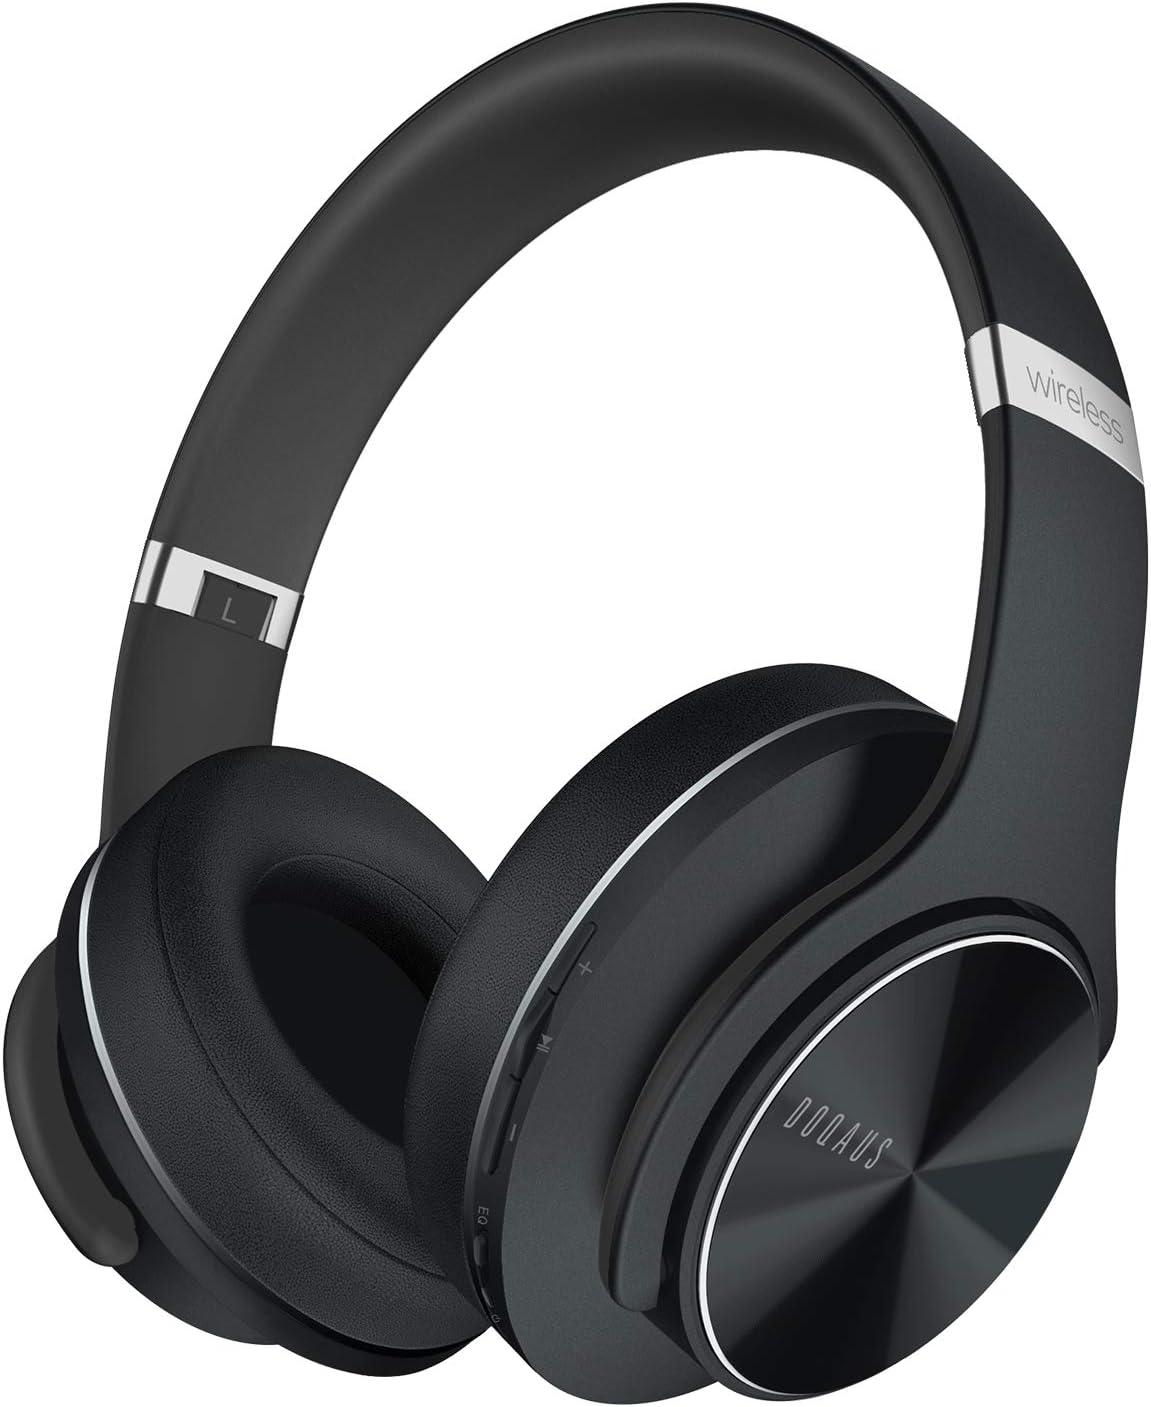 DOQAUS Auriculares Inalámbrico Diadema, [52 Hrs de Reproducir] Hi-Fi Sonido, Cascos Bluetooth con 3 Modo EQ, Micrófono Incorporado y Doble Controlador de 40 mm, para Móviles/Xiaomi/TV (Negro)